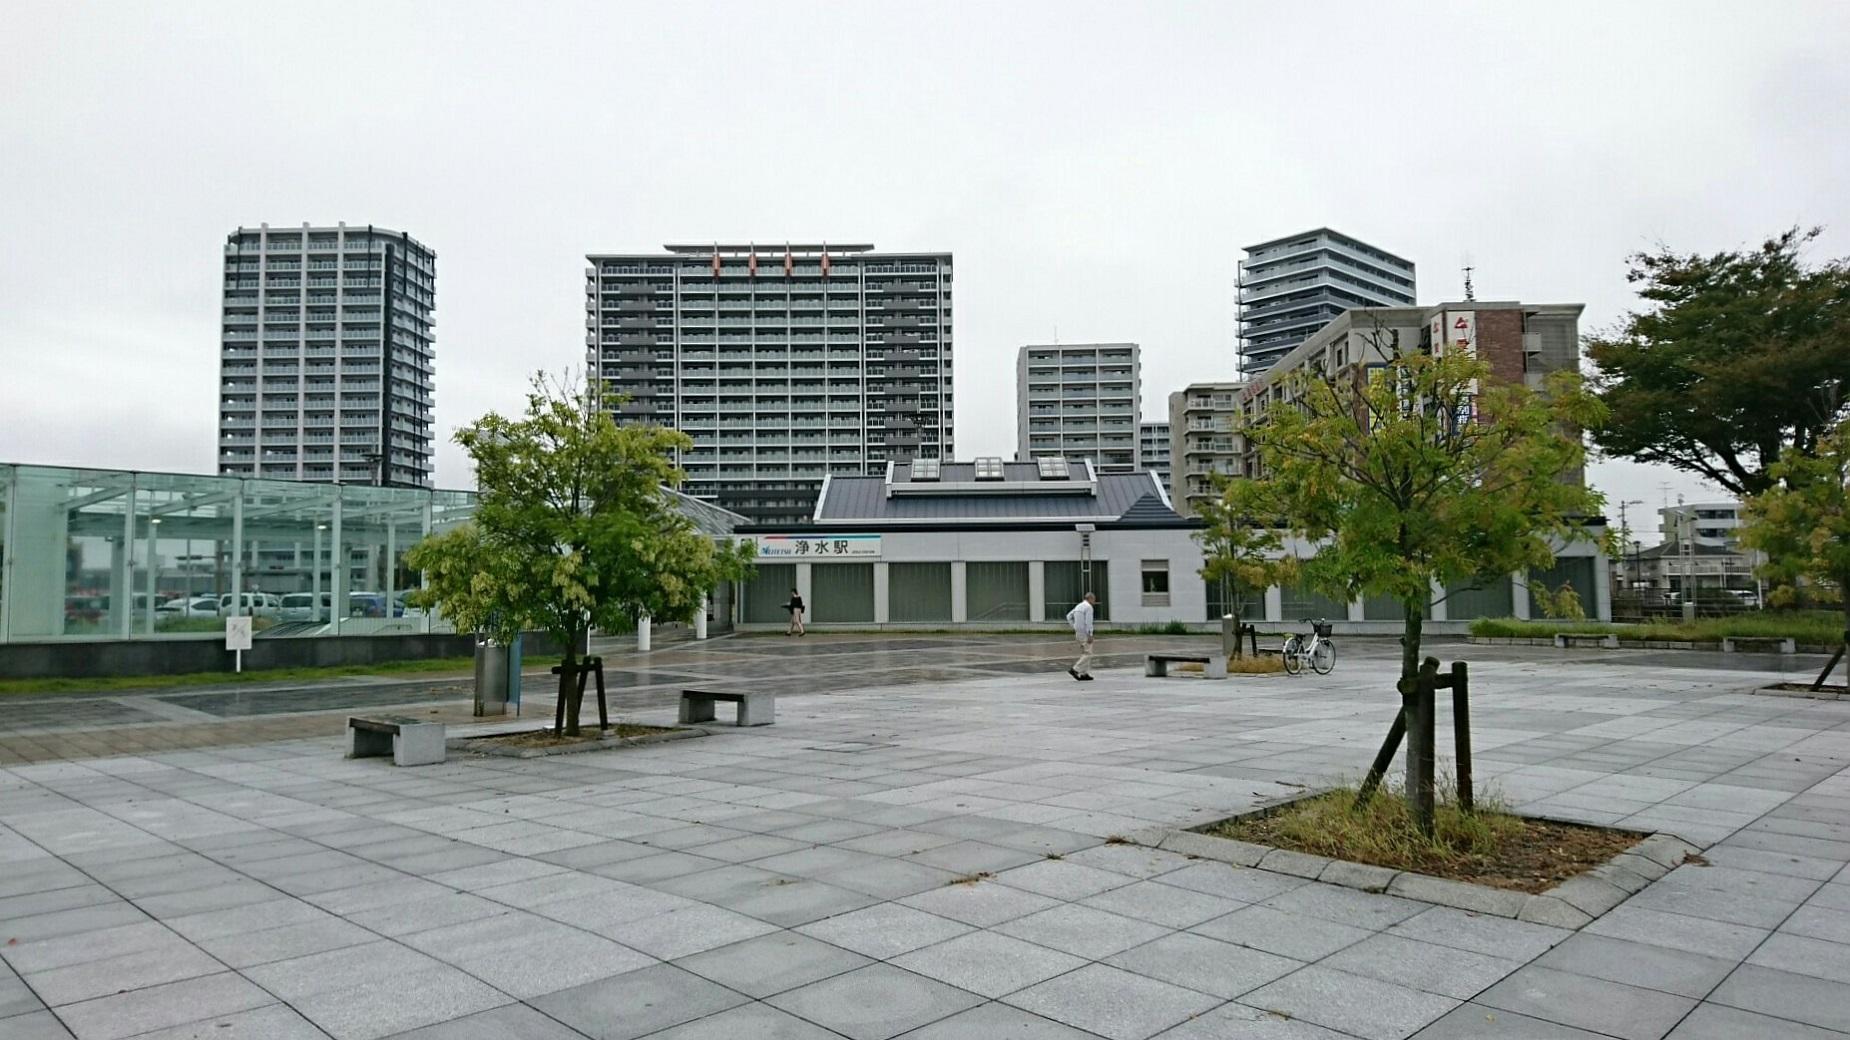 2017.10.3 豊田線 (26) 浄水=全景 1850-1040